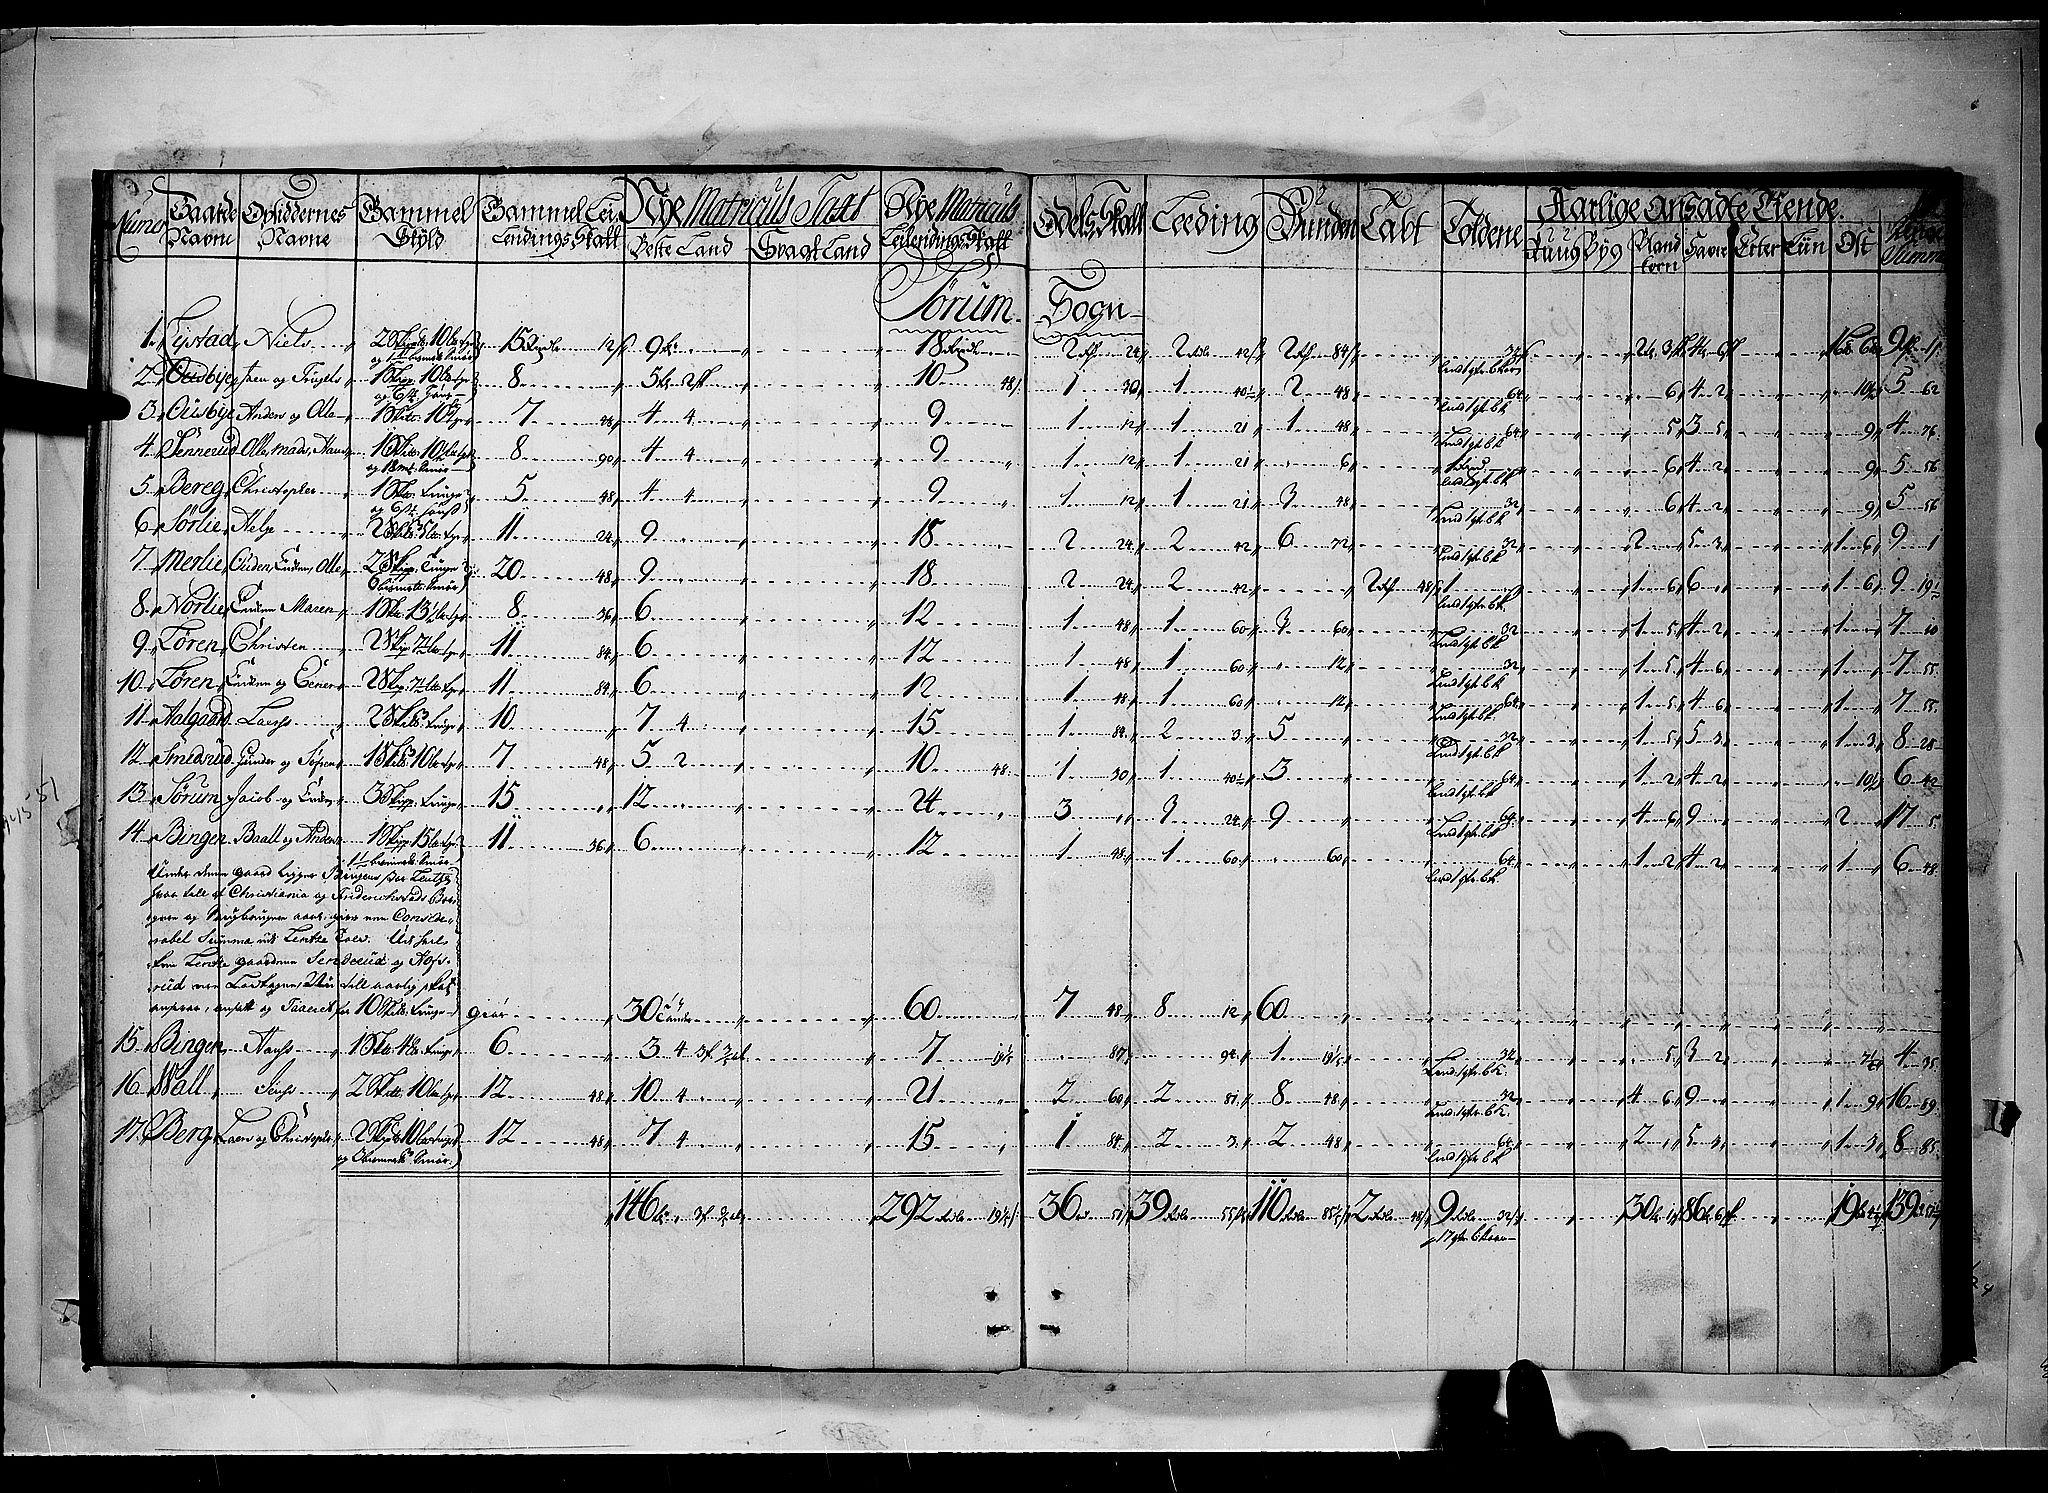 RA, Rentekammeret inntil 1814, Realistisk ordnet avdeling, N/Nb/Nbf/L0092: Nedre Romerike matrikkelprotokoll, 1723, s. 9b-10a